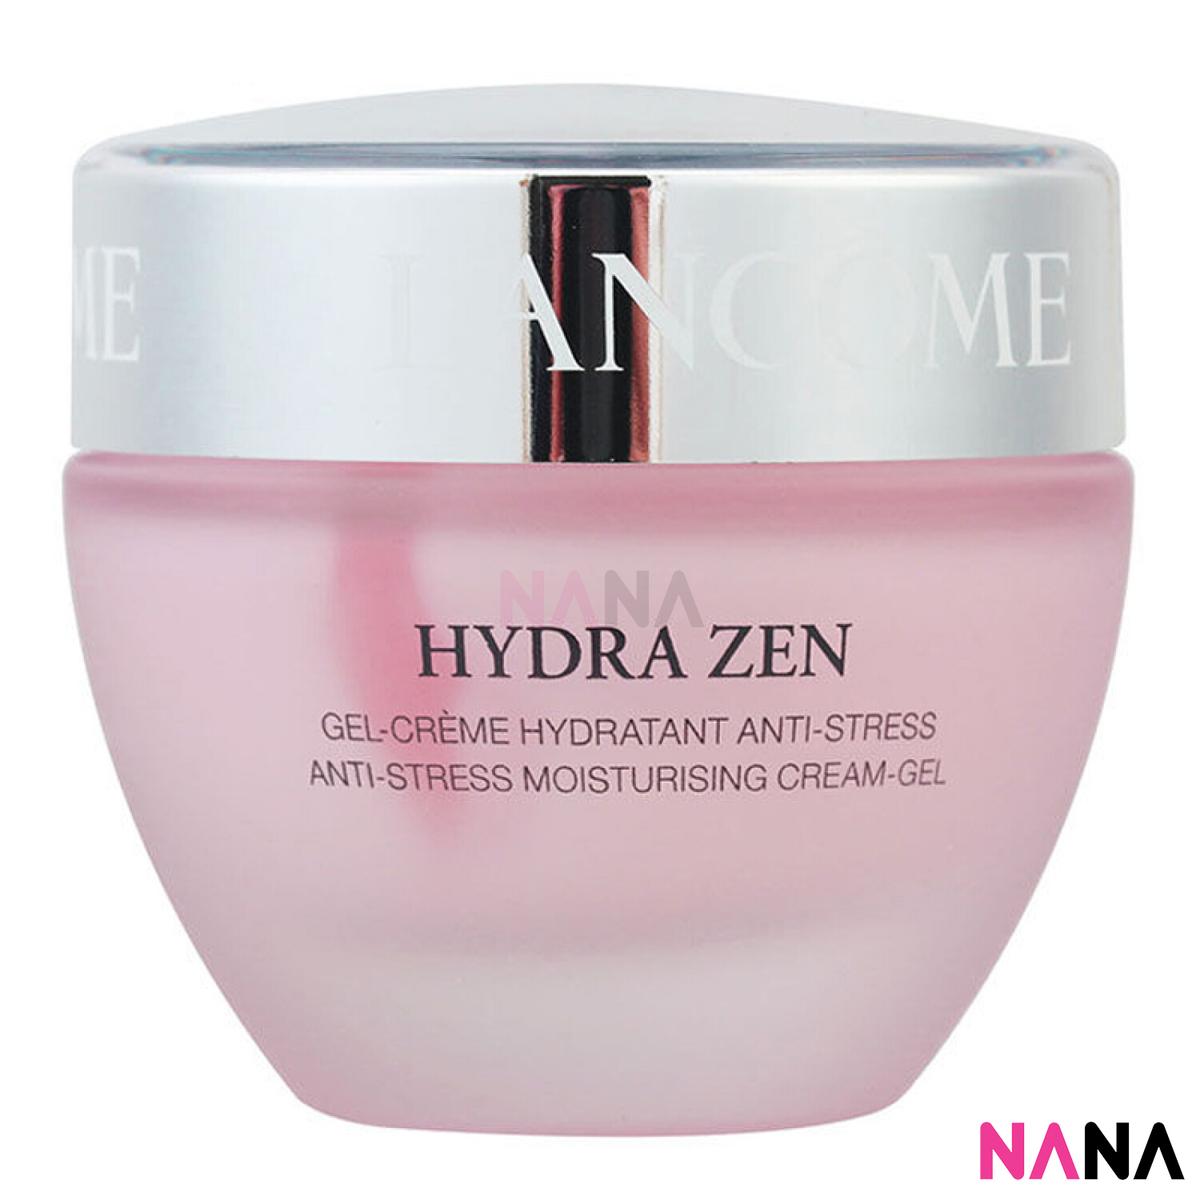 蘭蔻 Hydra Zen 水份緣 舒緩抗壓保濕啫喱霜 50ml